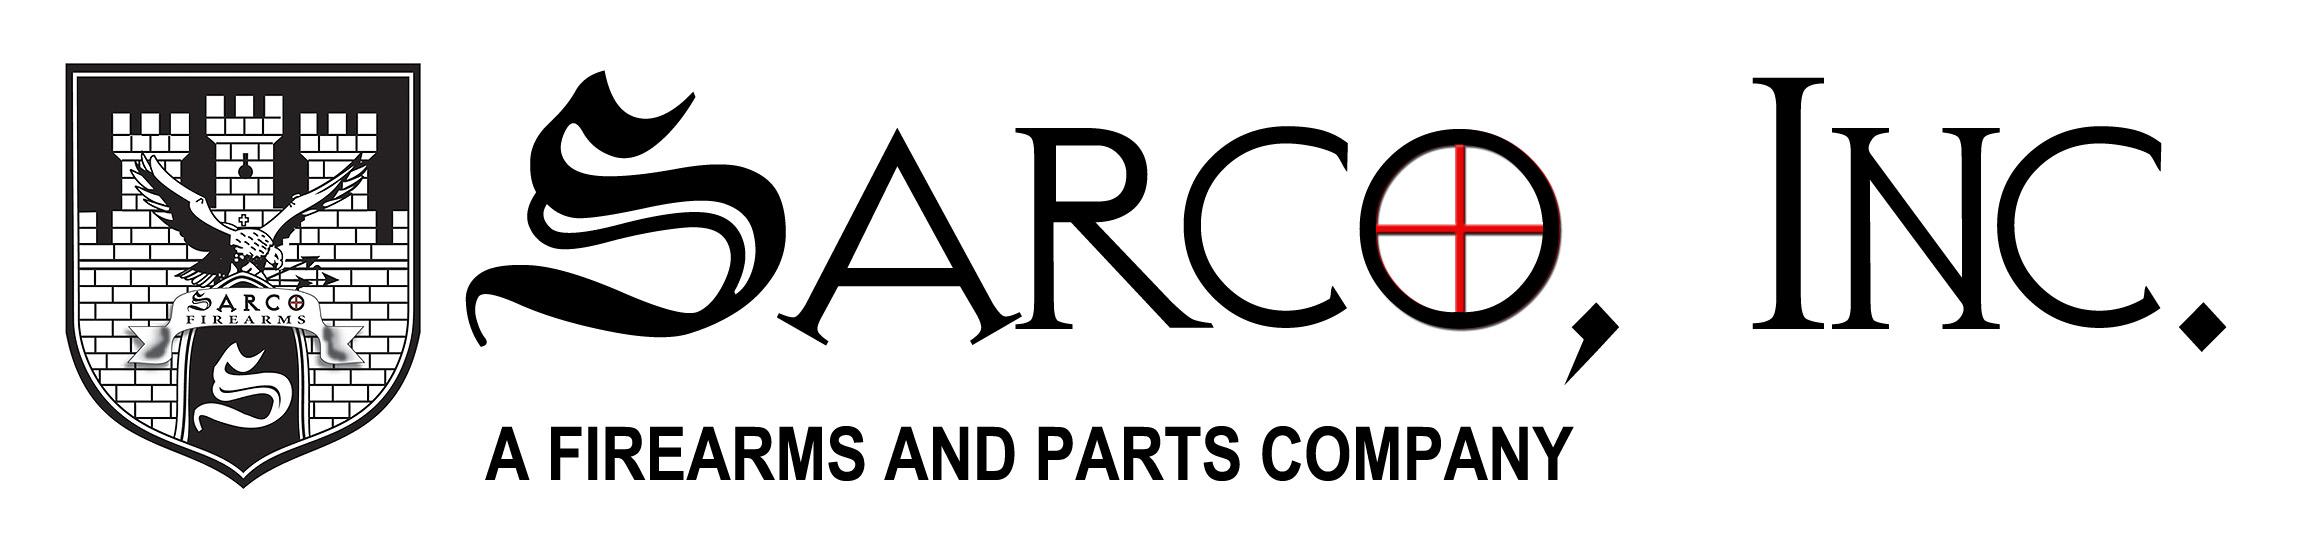 SARCO, Inc